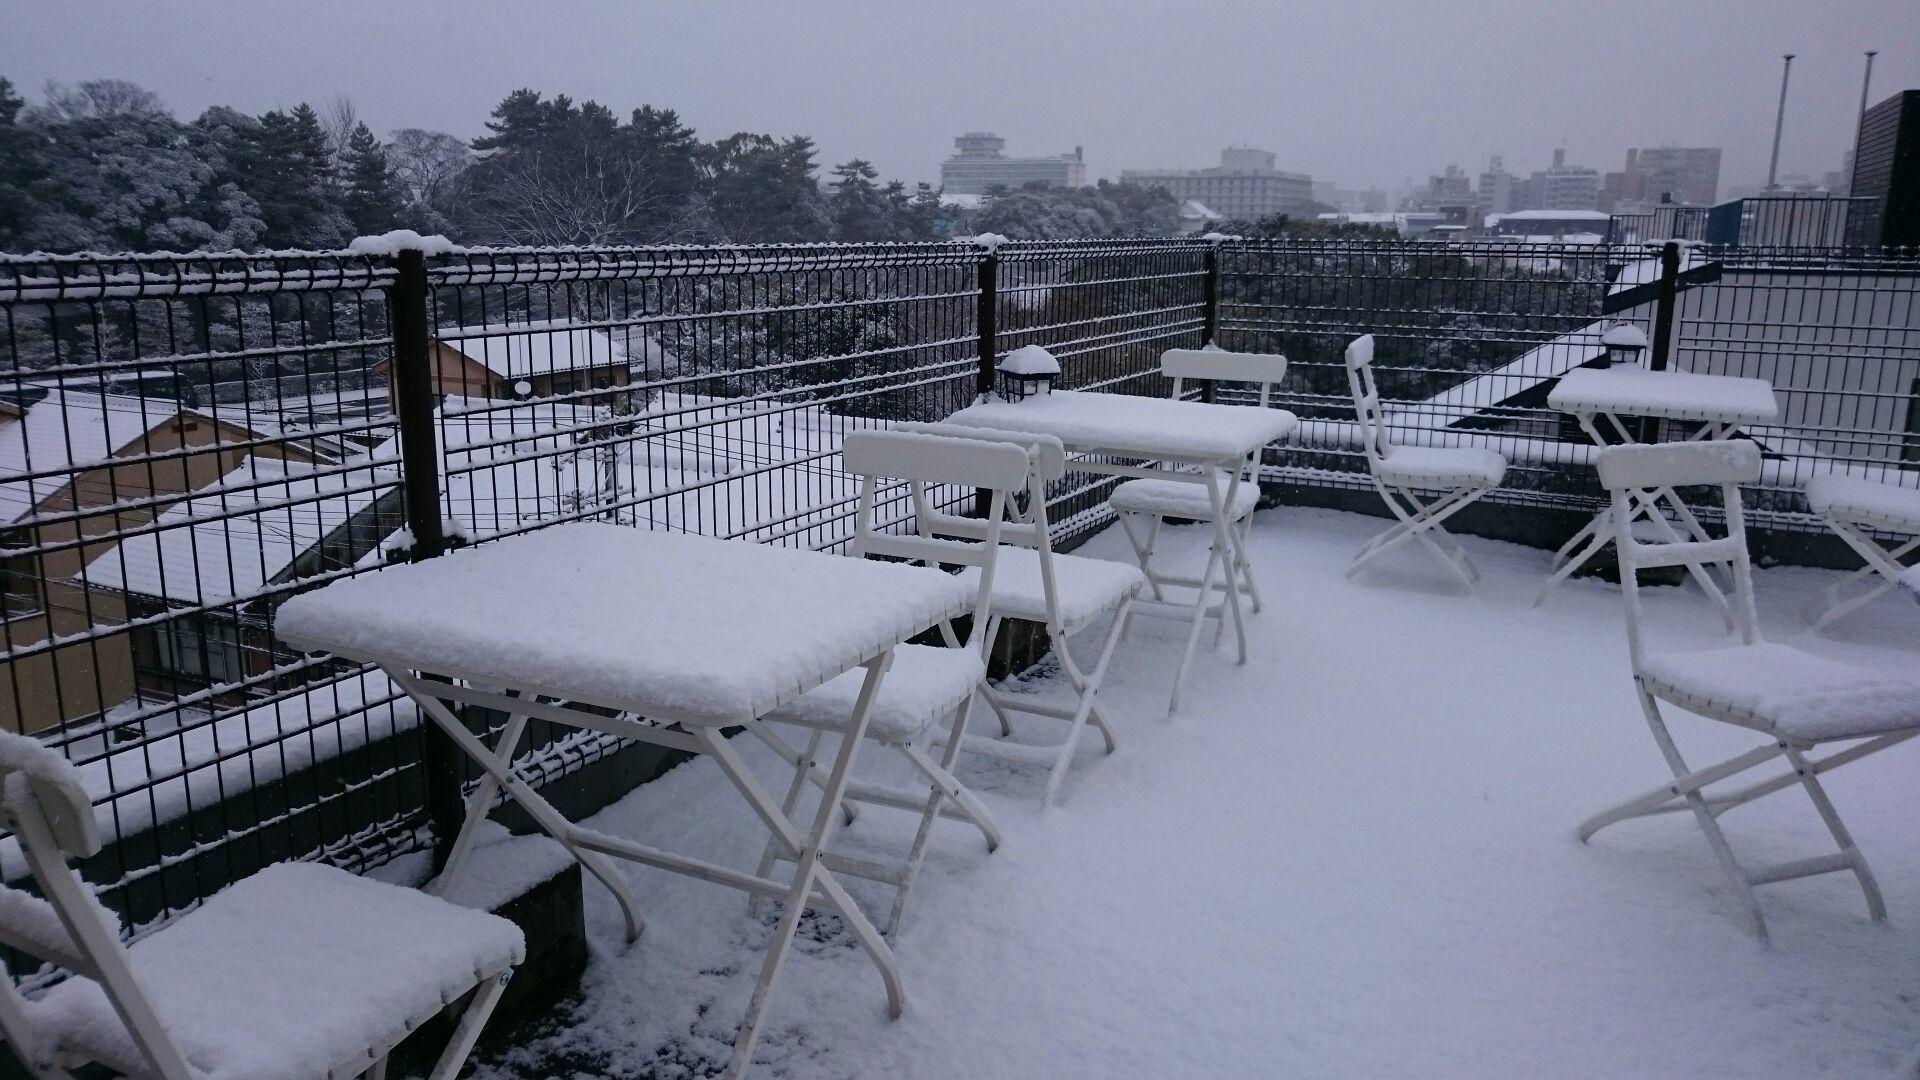 京都に初雪!屋上も真っ白!_f0354437_10043725.jpg